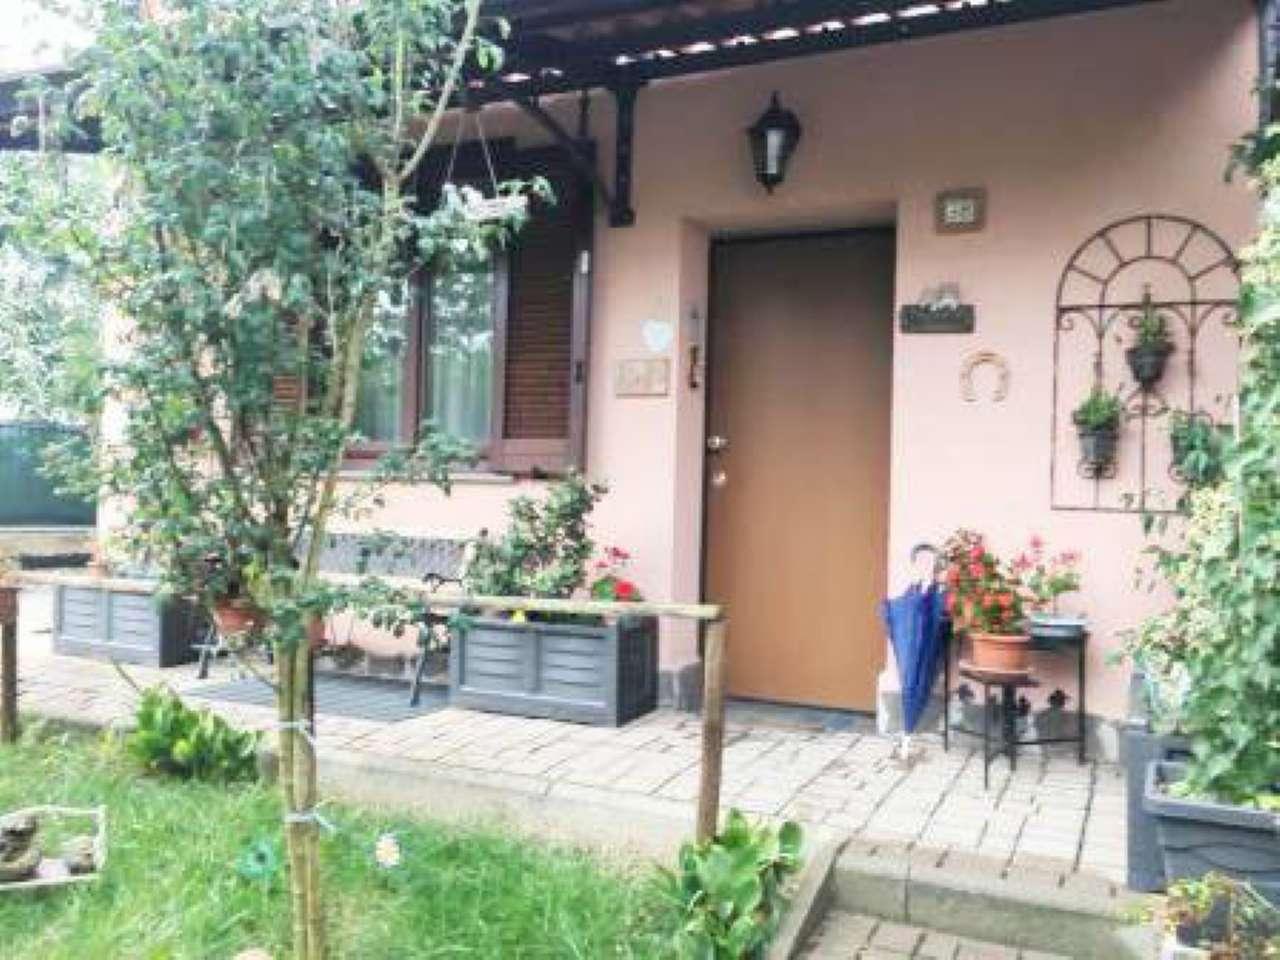 Villa a Schiera in vendita a Gerenzano, 3 locali, prezzo € 285.000 | CambioCasa.it